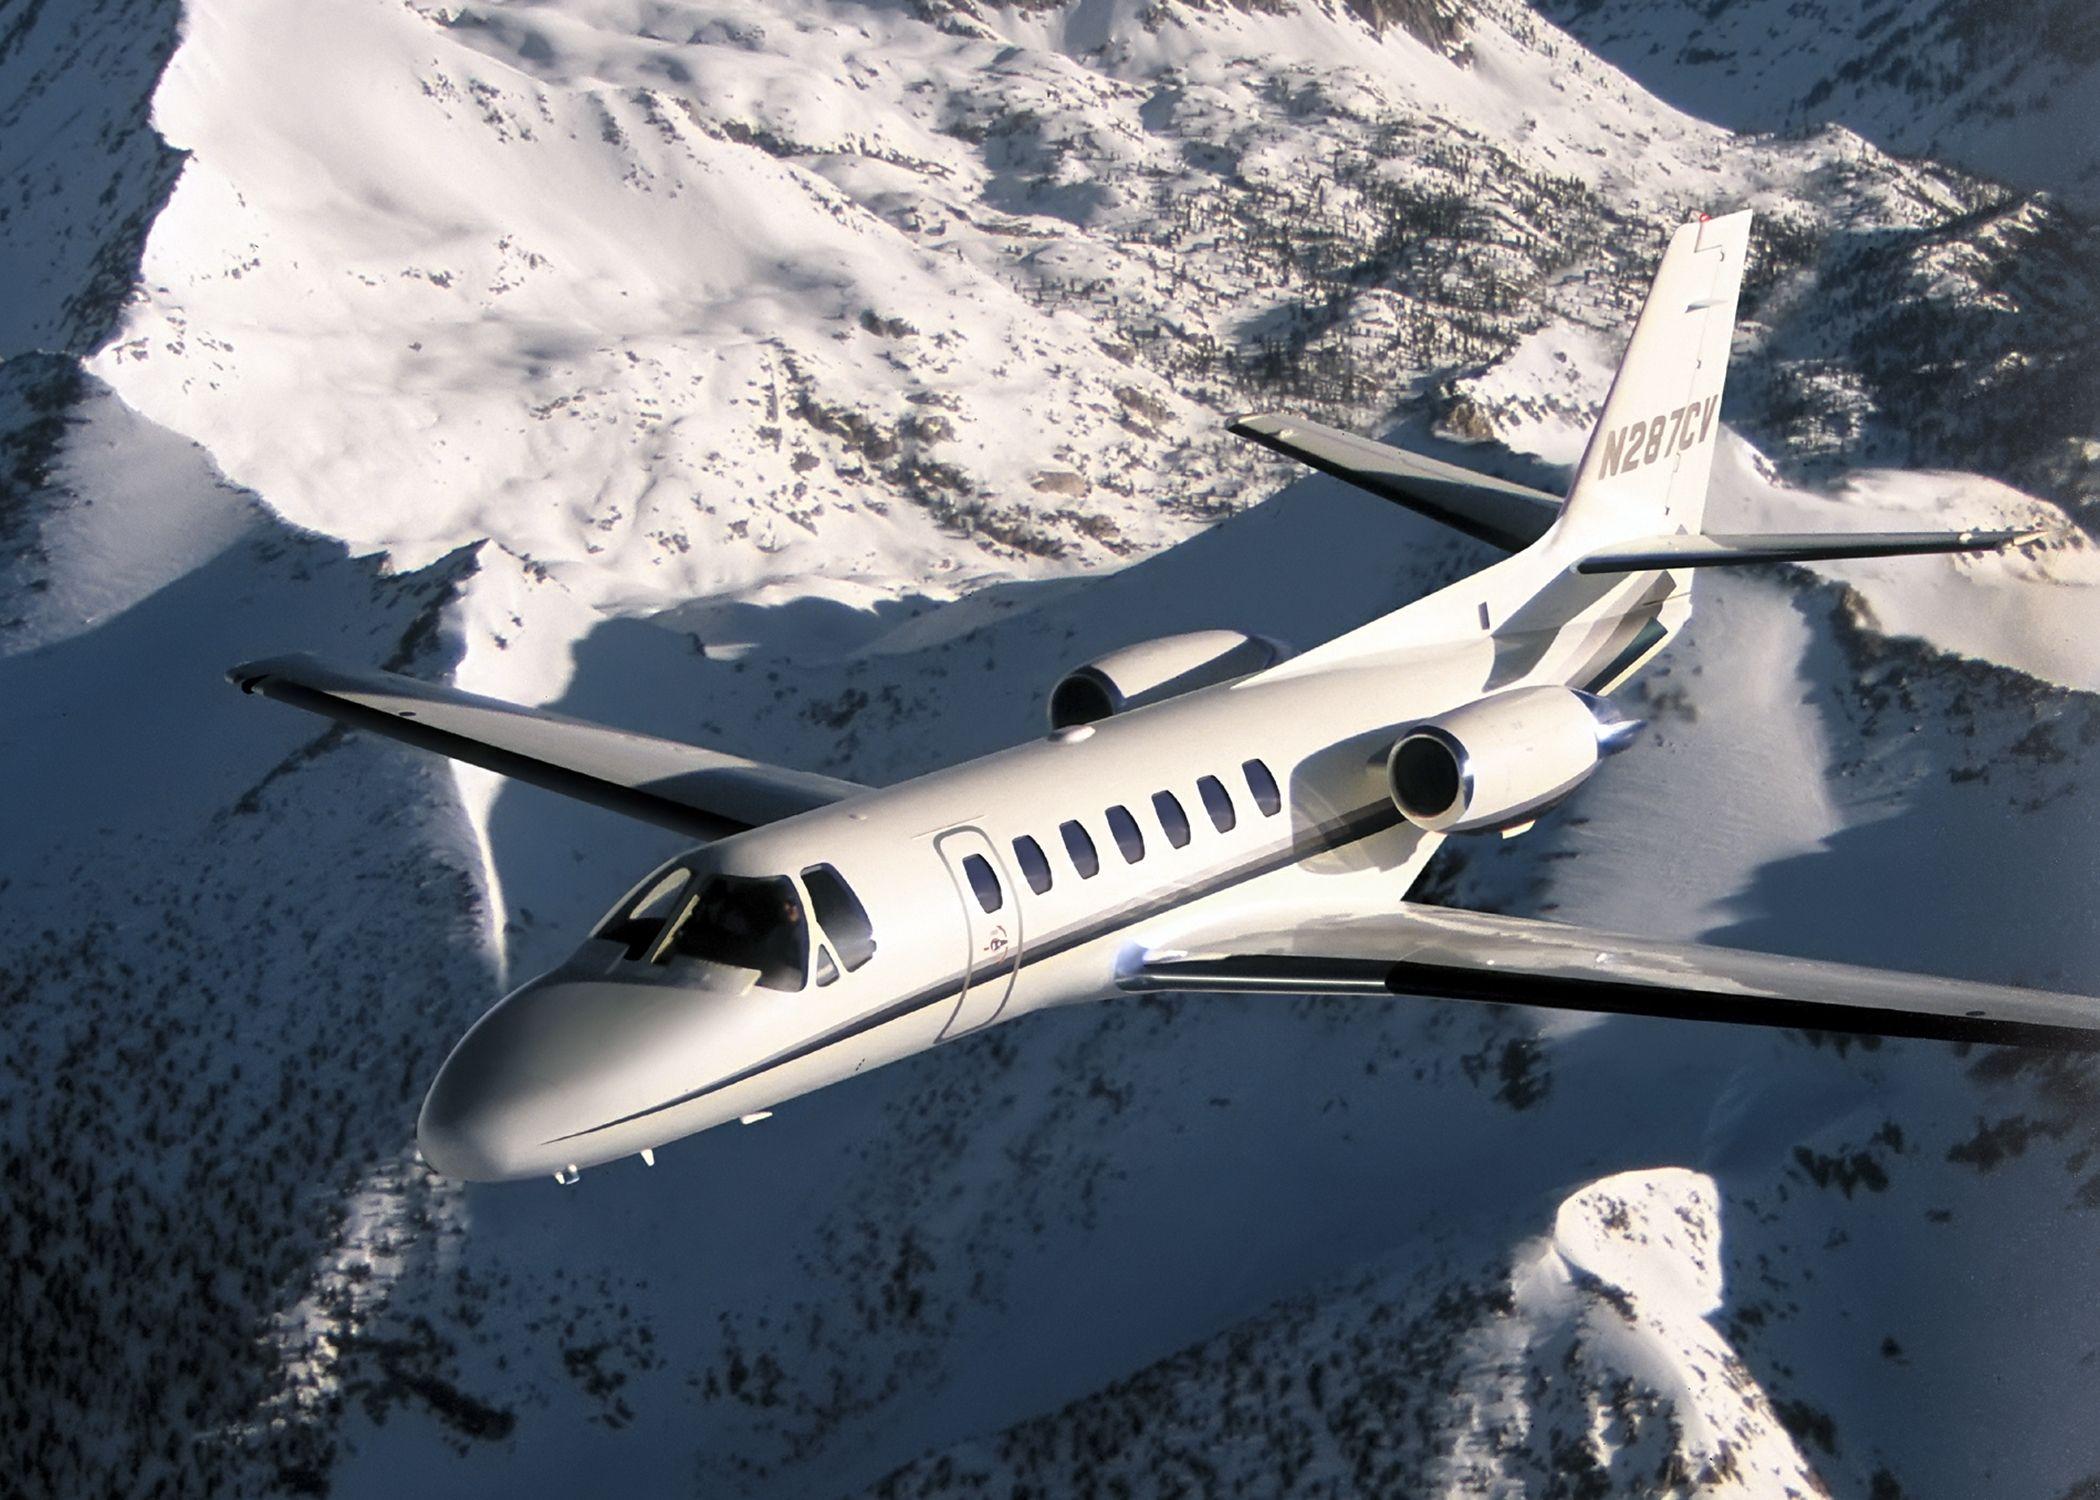 Cessna Citation Cj3 Starjets